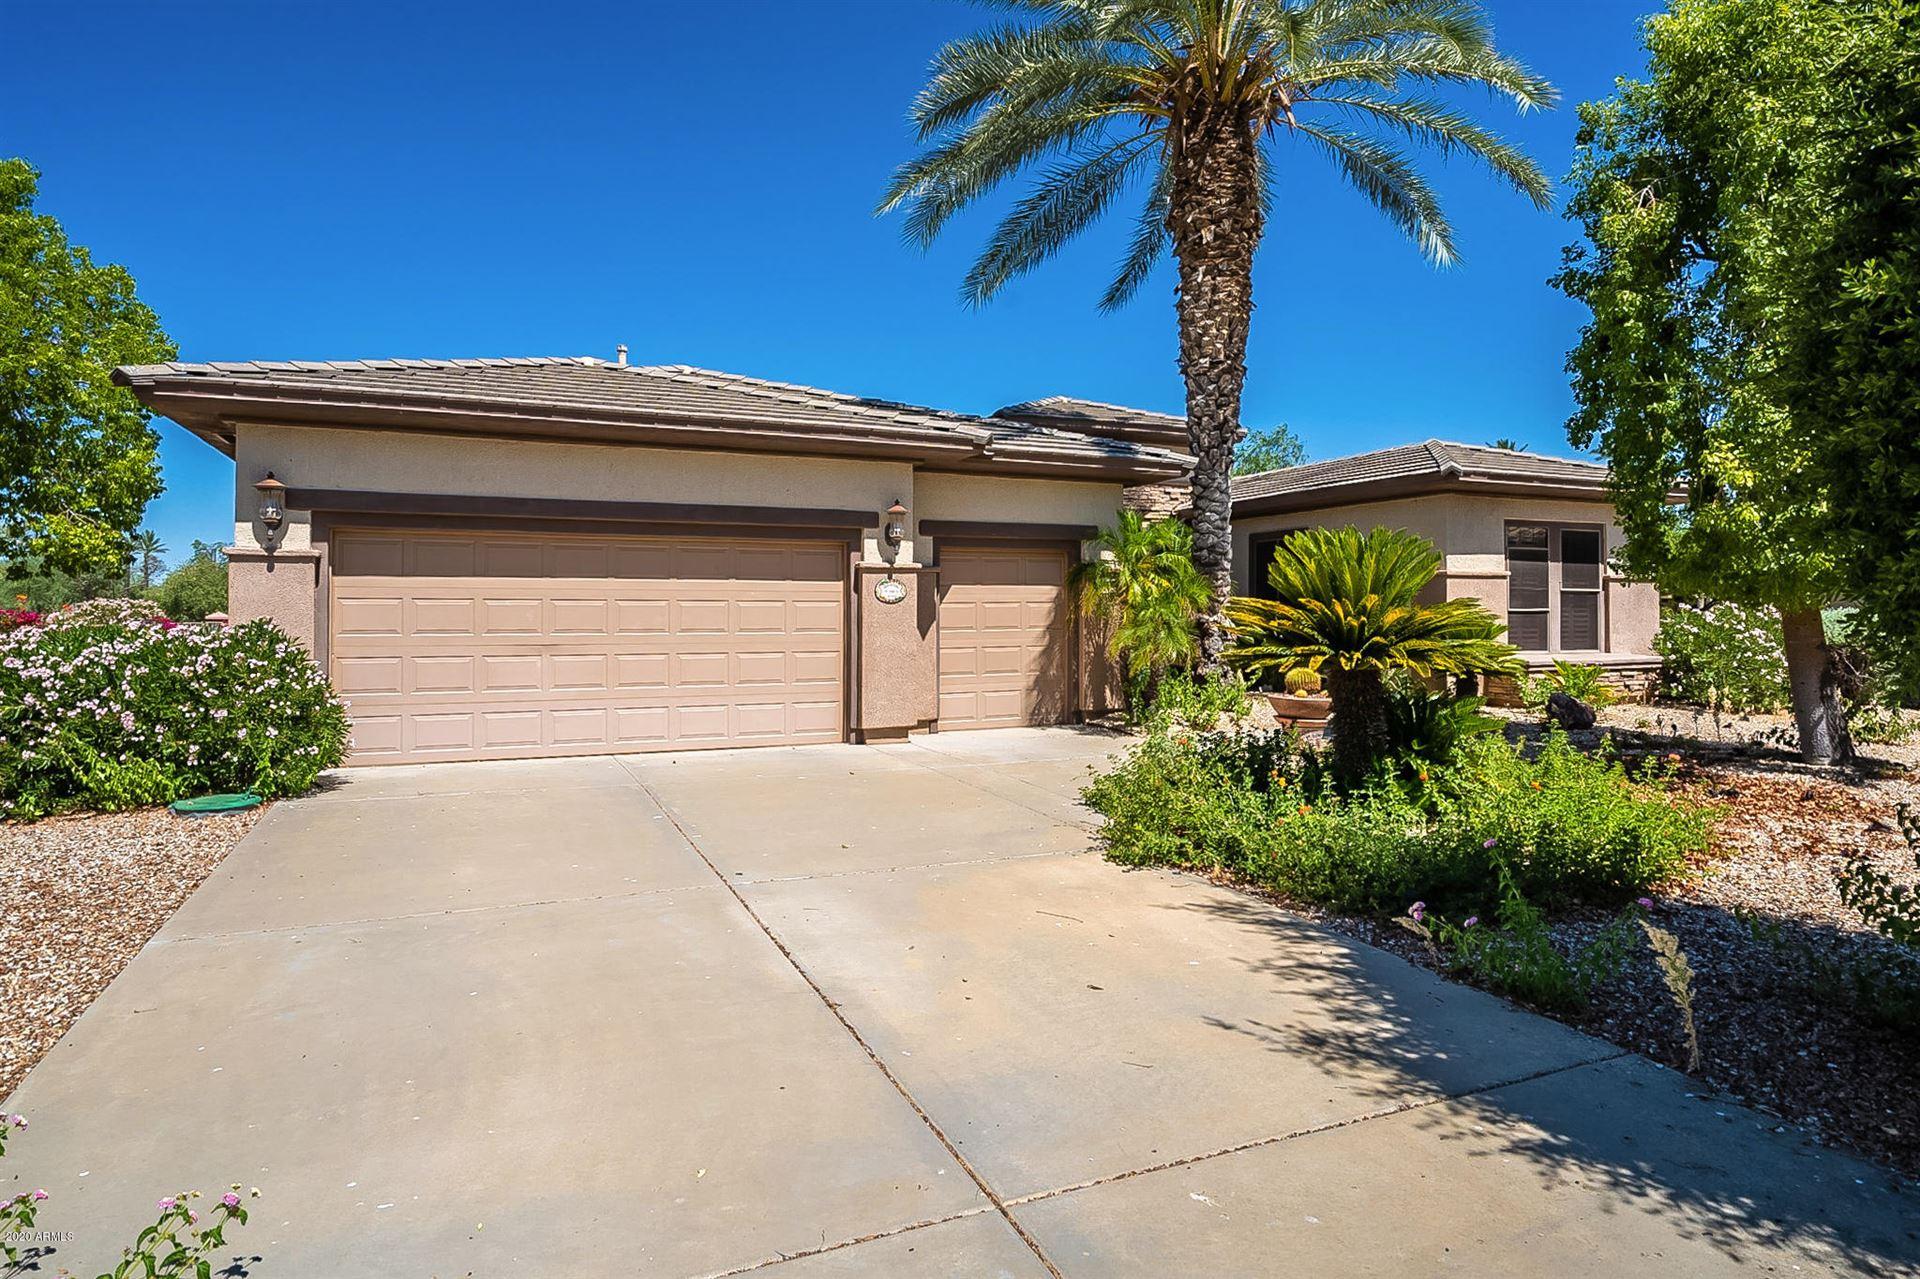 16905 W ARTESIA Drive, Surprise, AZ 85387 - MLS#: 6093375